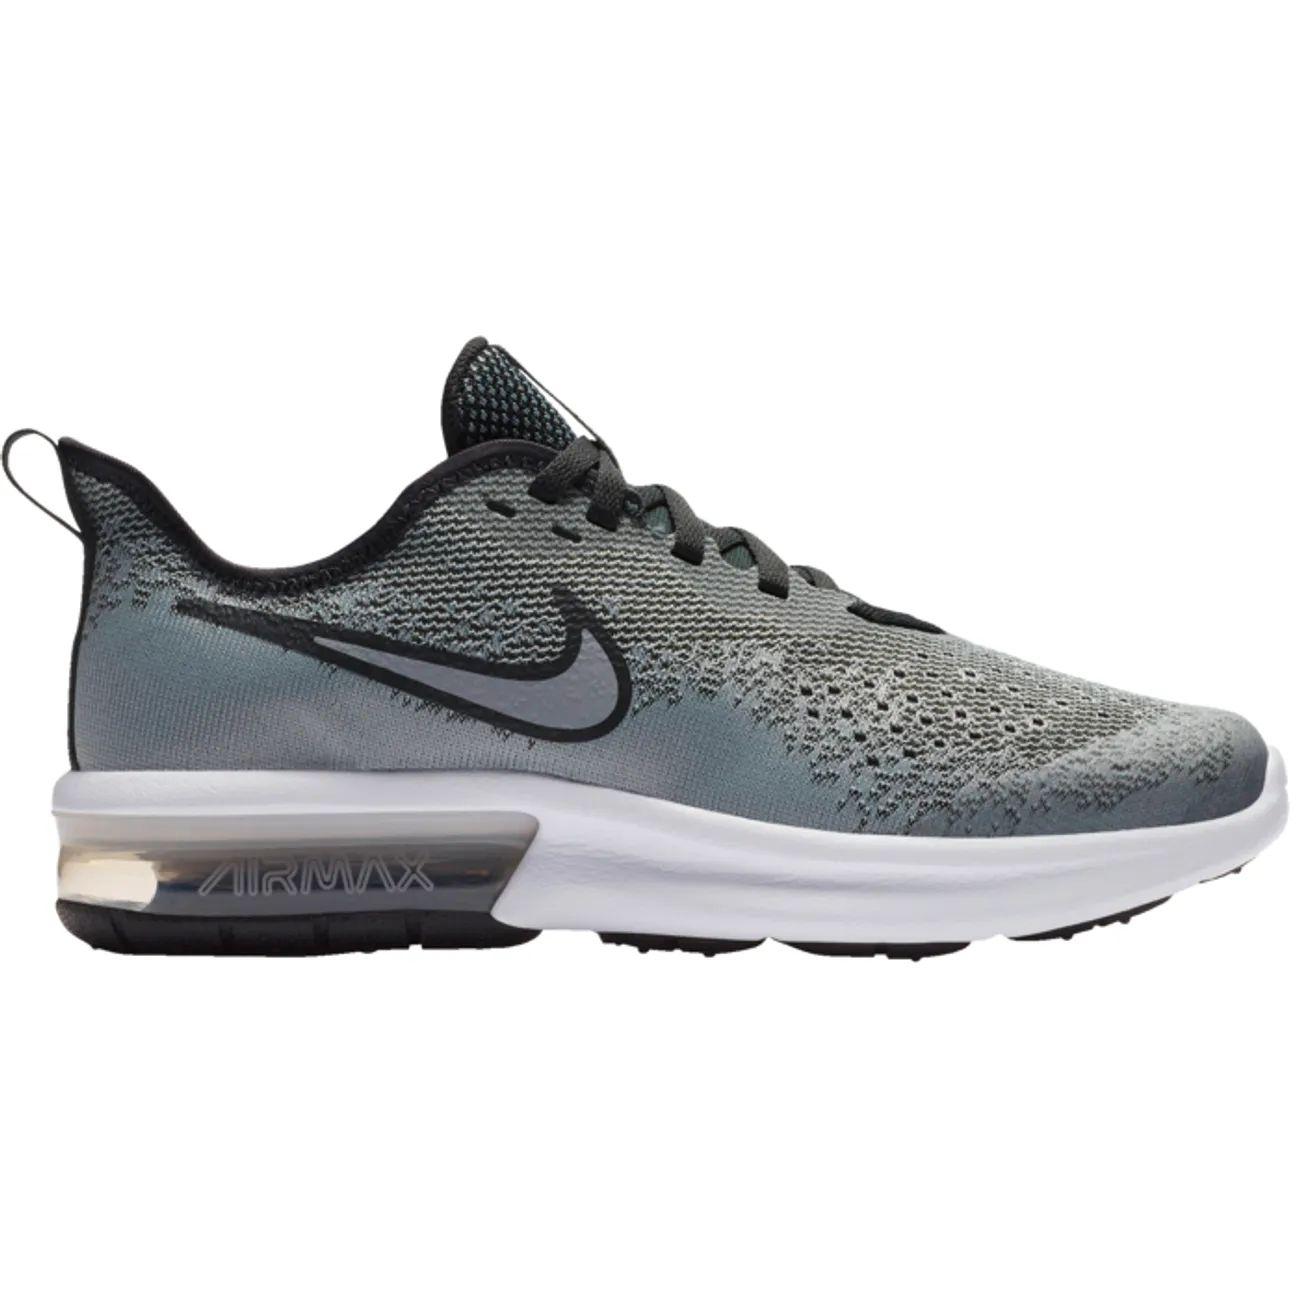 Paire de chaussures basses Nike AIR MAX SEQUENT 4 - Taille du 35,5 au 40